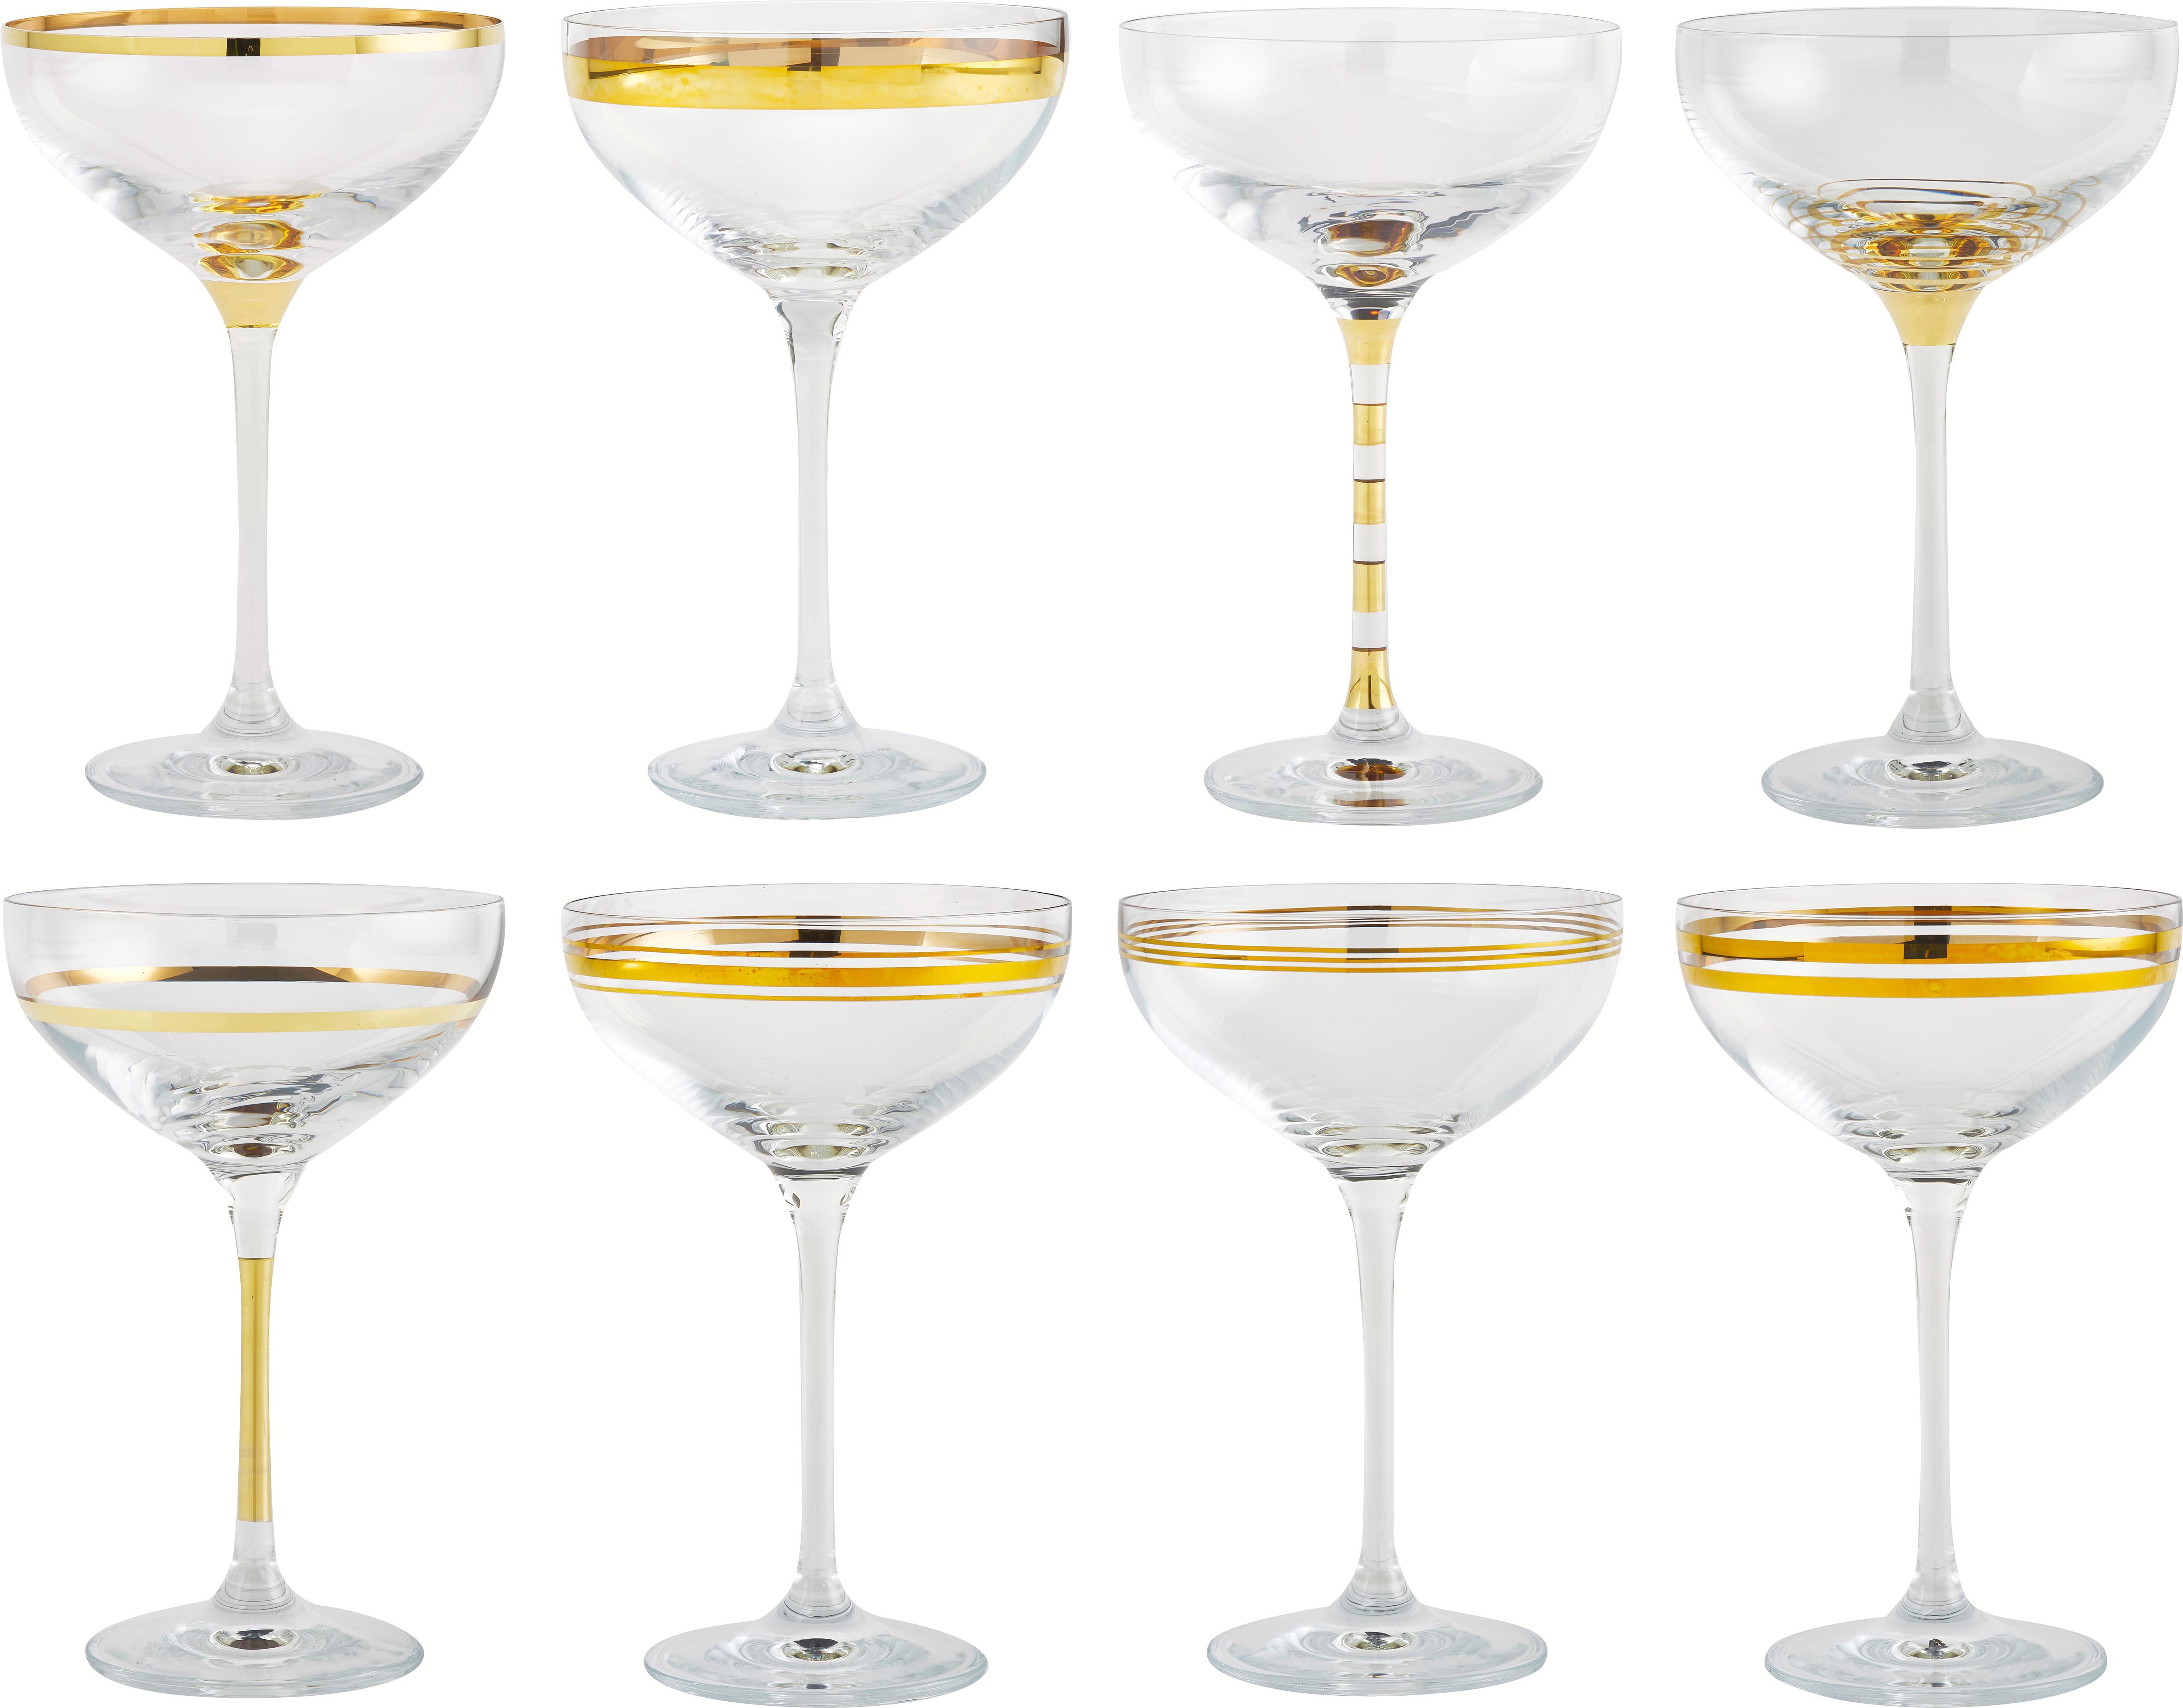 Champagneglazen decoratieve met gouden decoraties, 8-delig, Glas, Transparant, goudkleurig, Ø 11 x H 17 cm